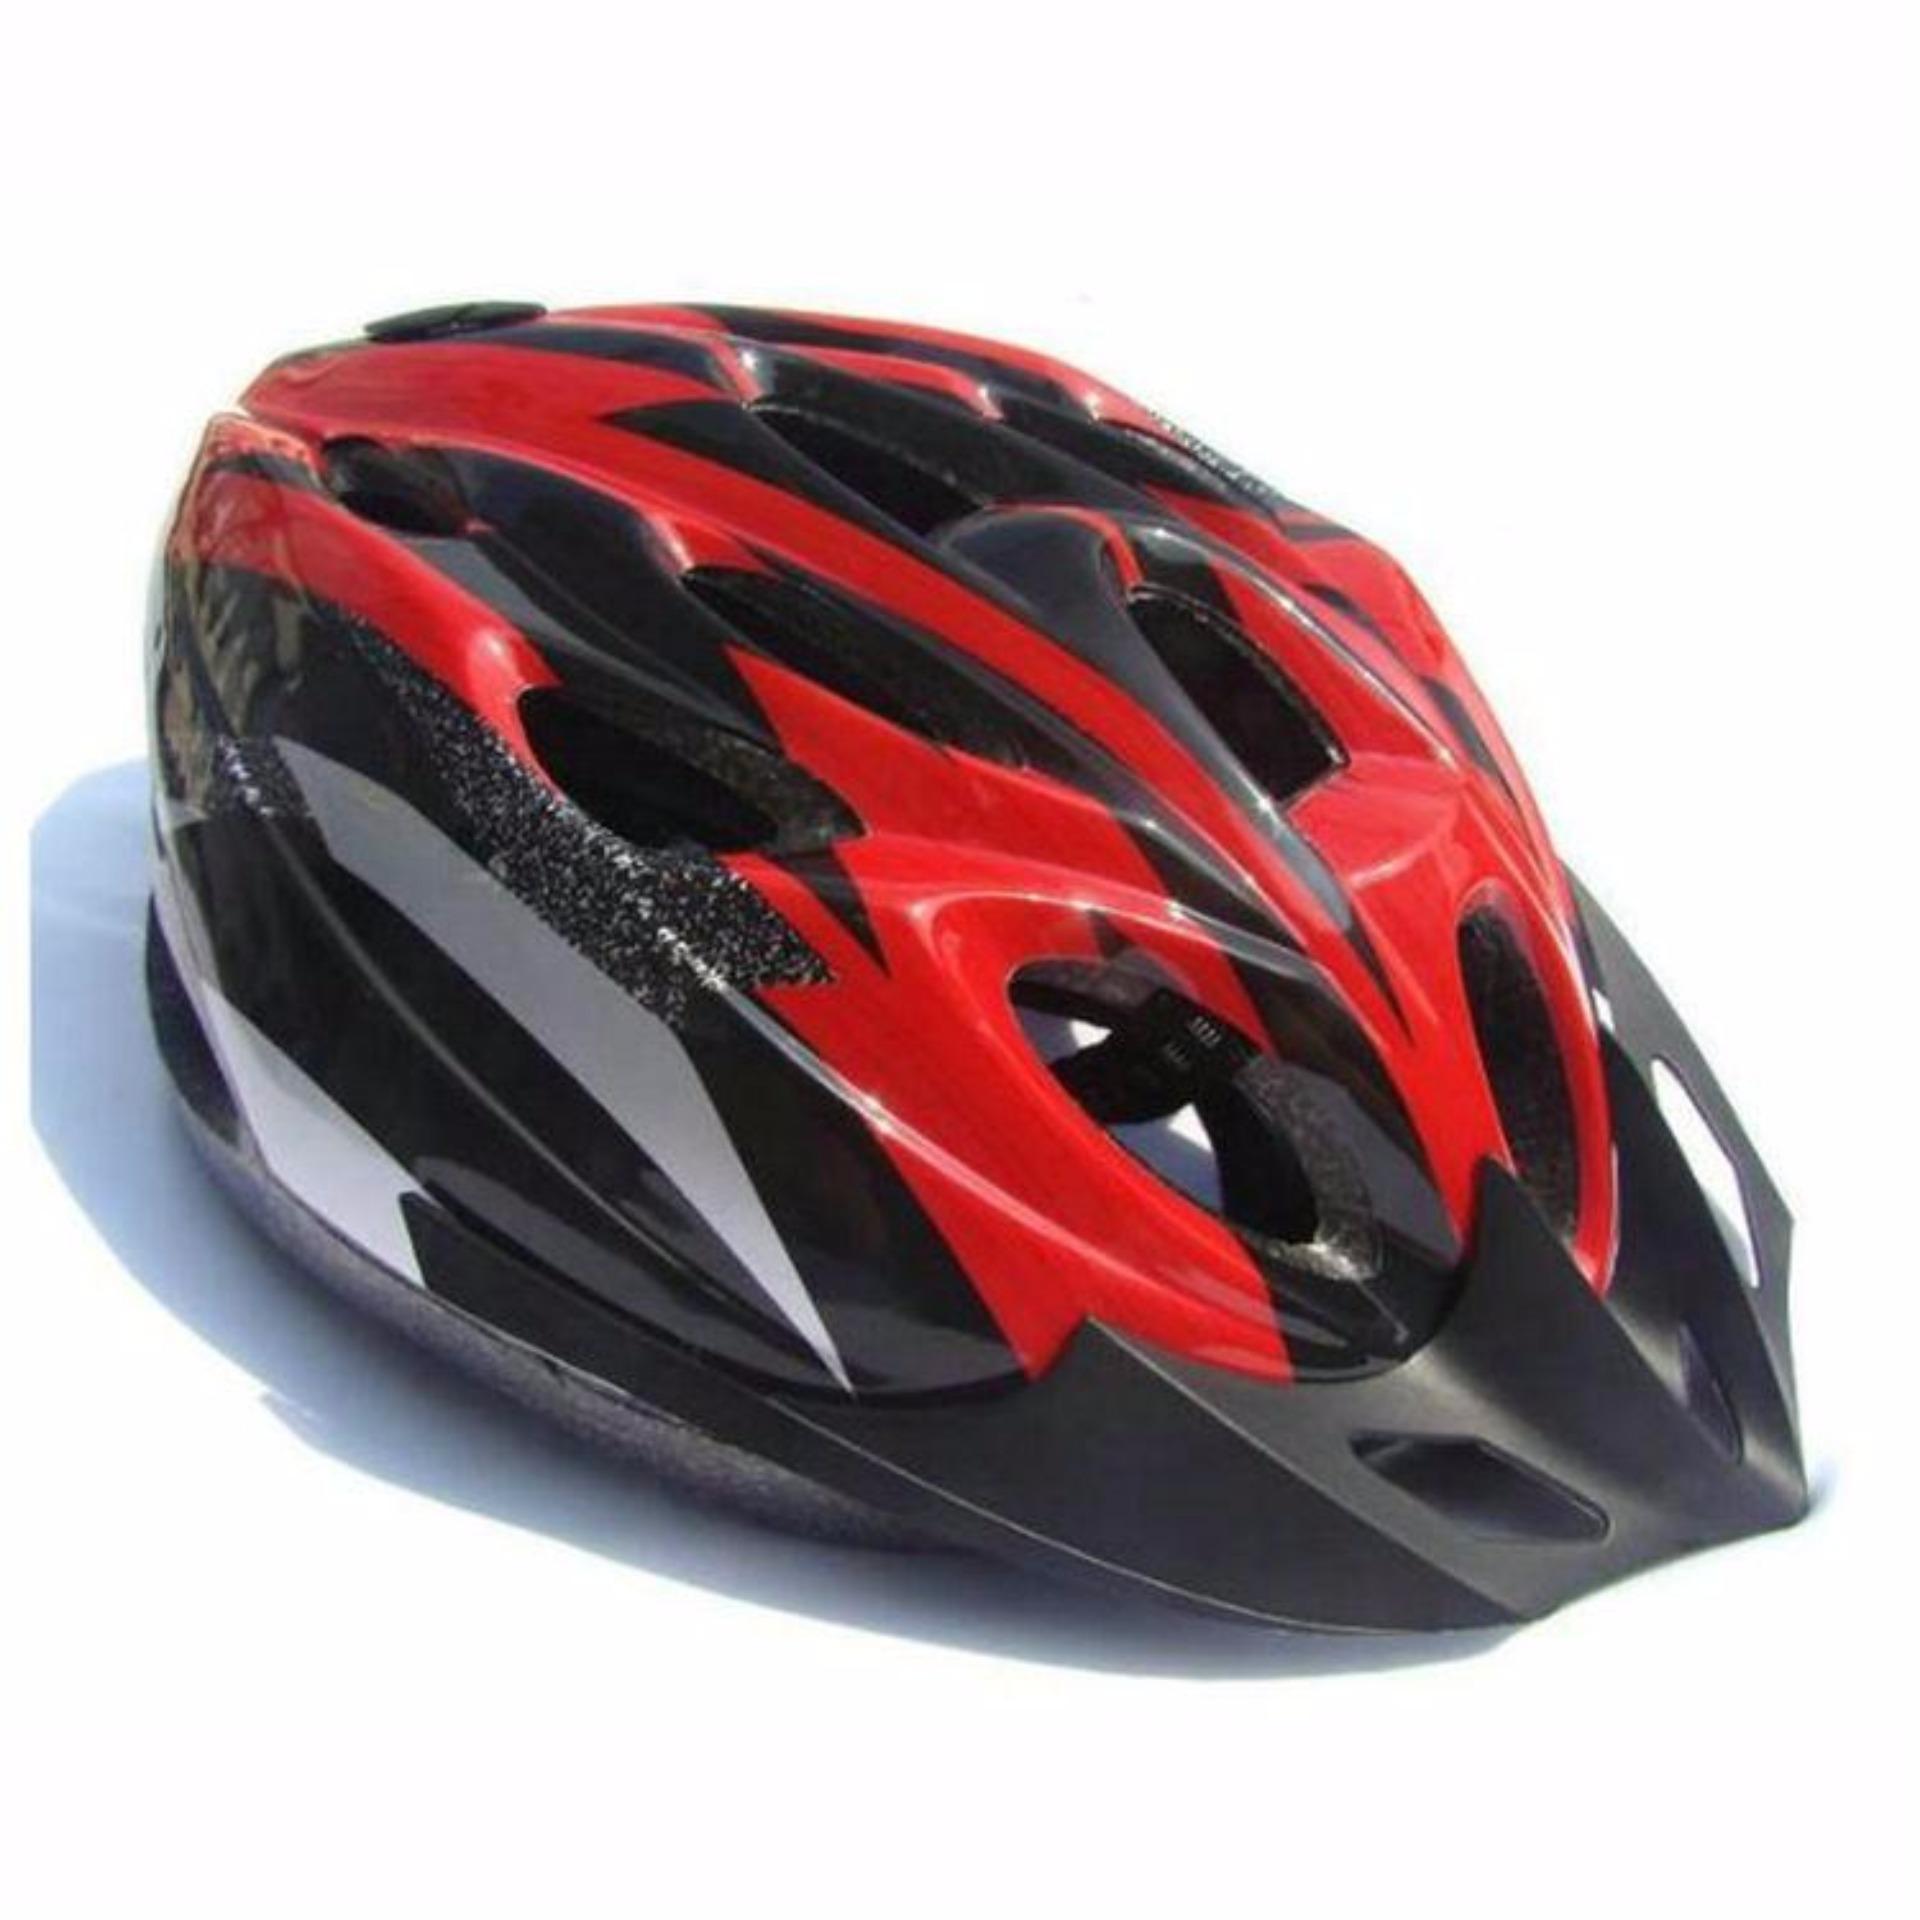 EPS Cycling Helmet EPS Foam PVC Shell - x31 - Merah-Hitam